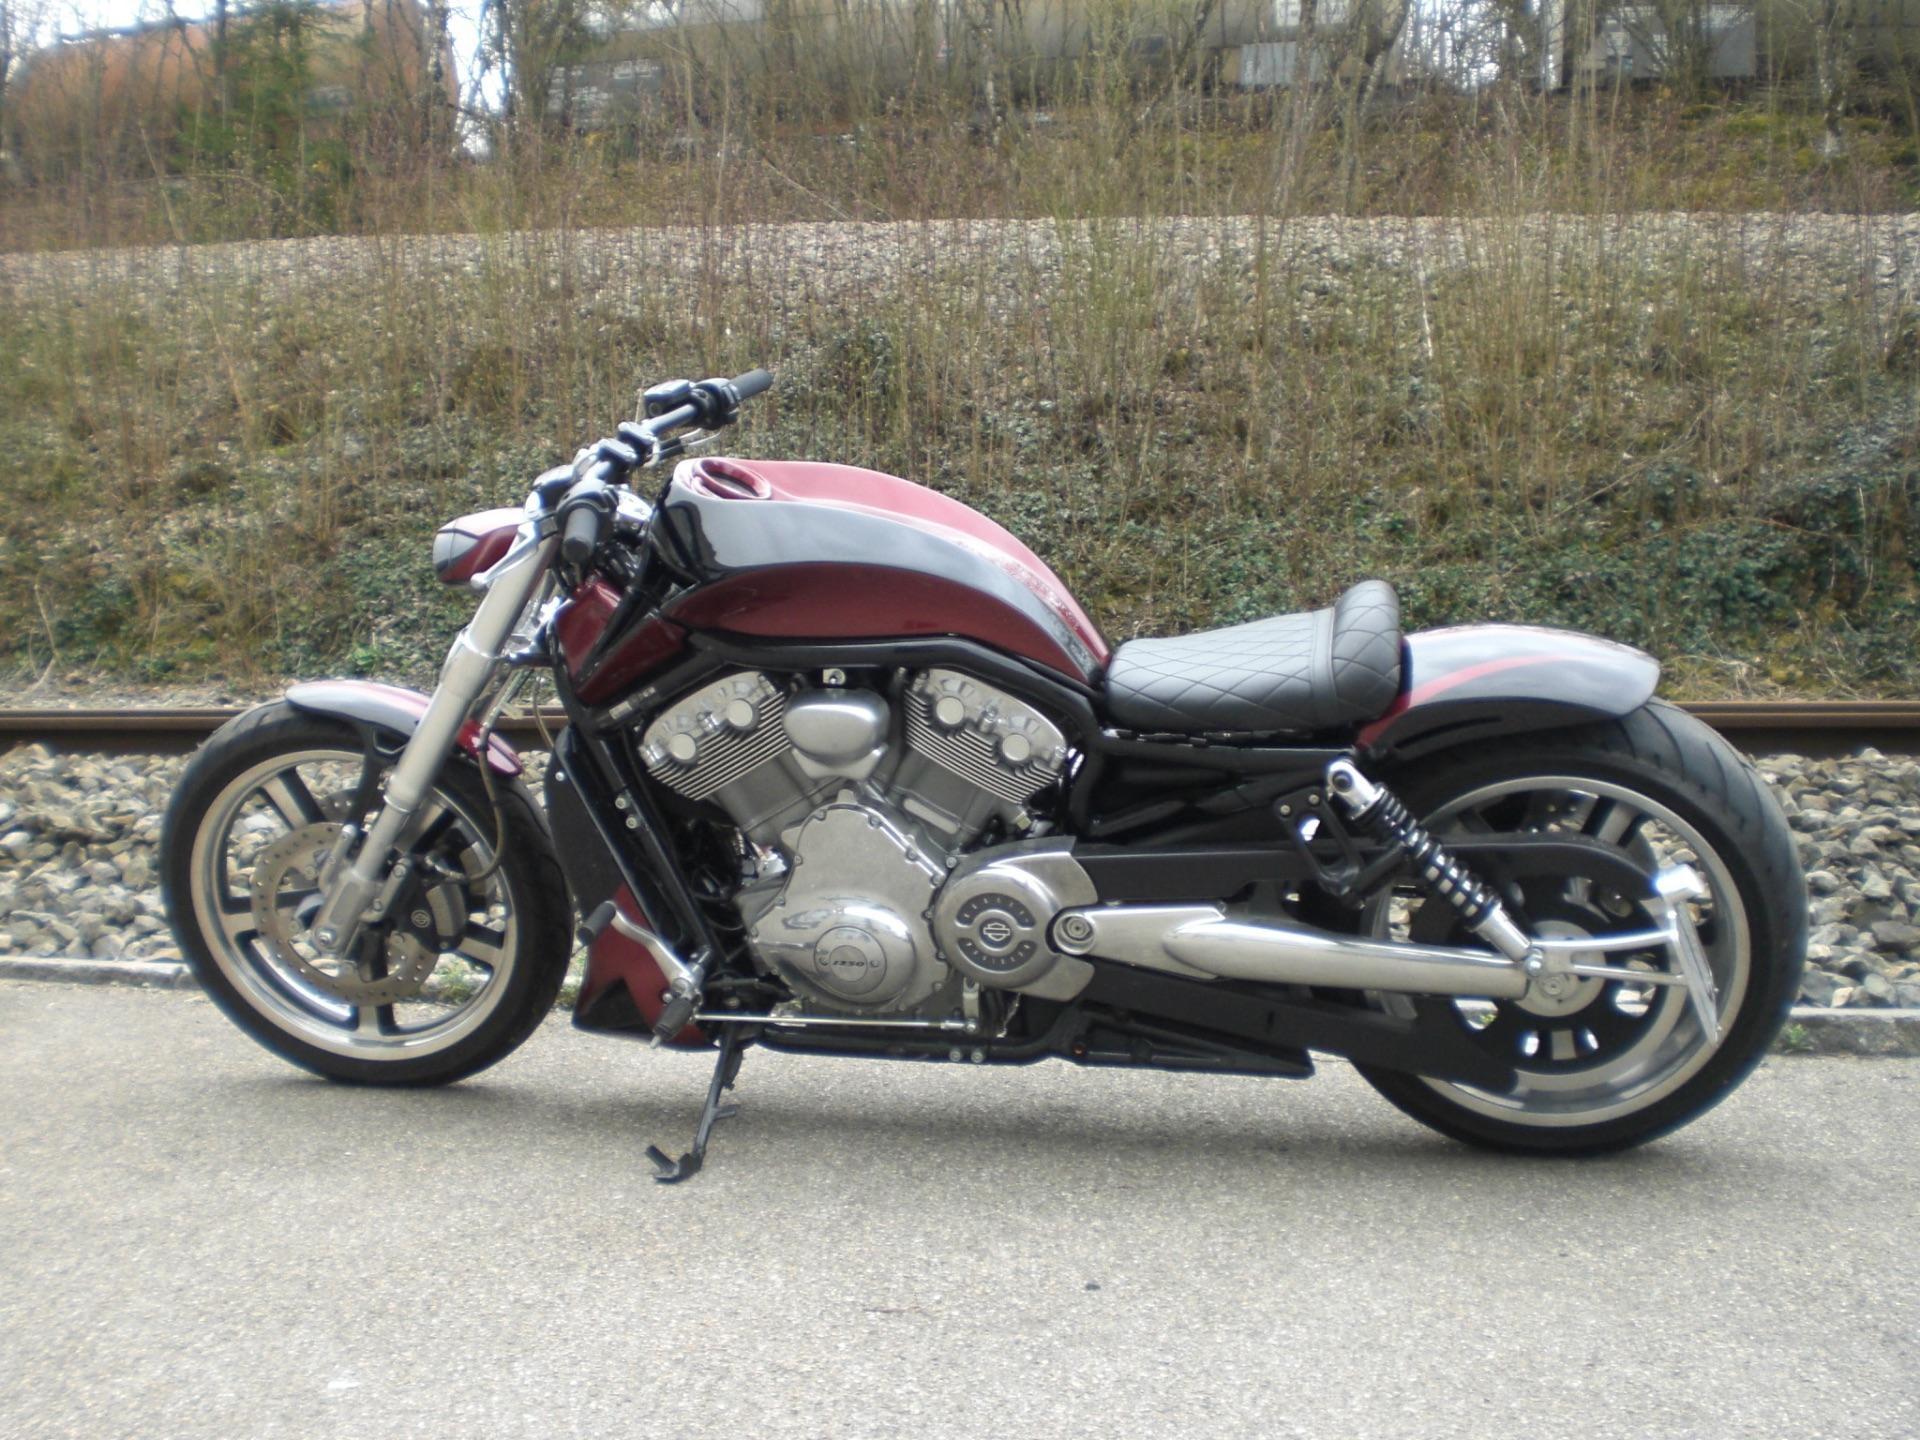 motorrad occasion kaufen harley davidson vrscf 1250 v rod muscle abs ors motos gmbh urdorf. Black Bedroom Furniture Sets. Home Design Ideas